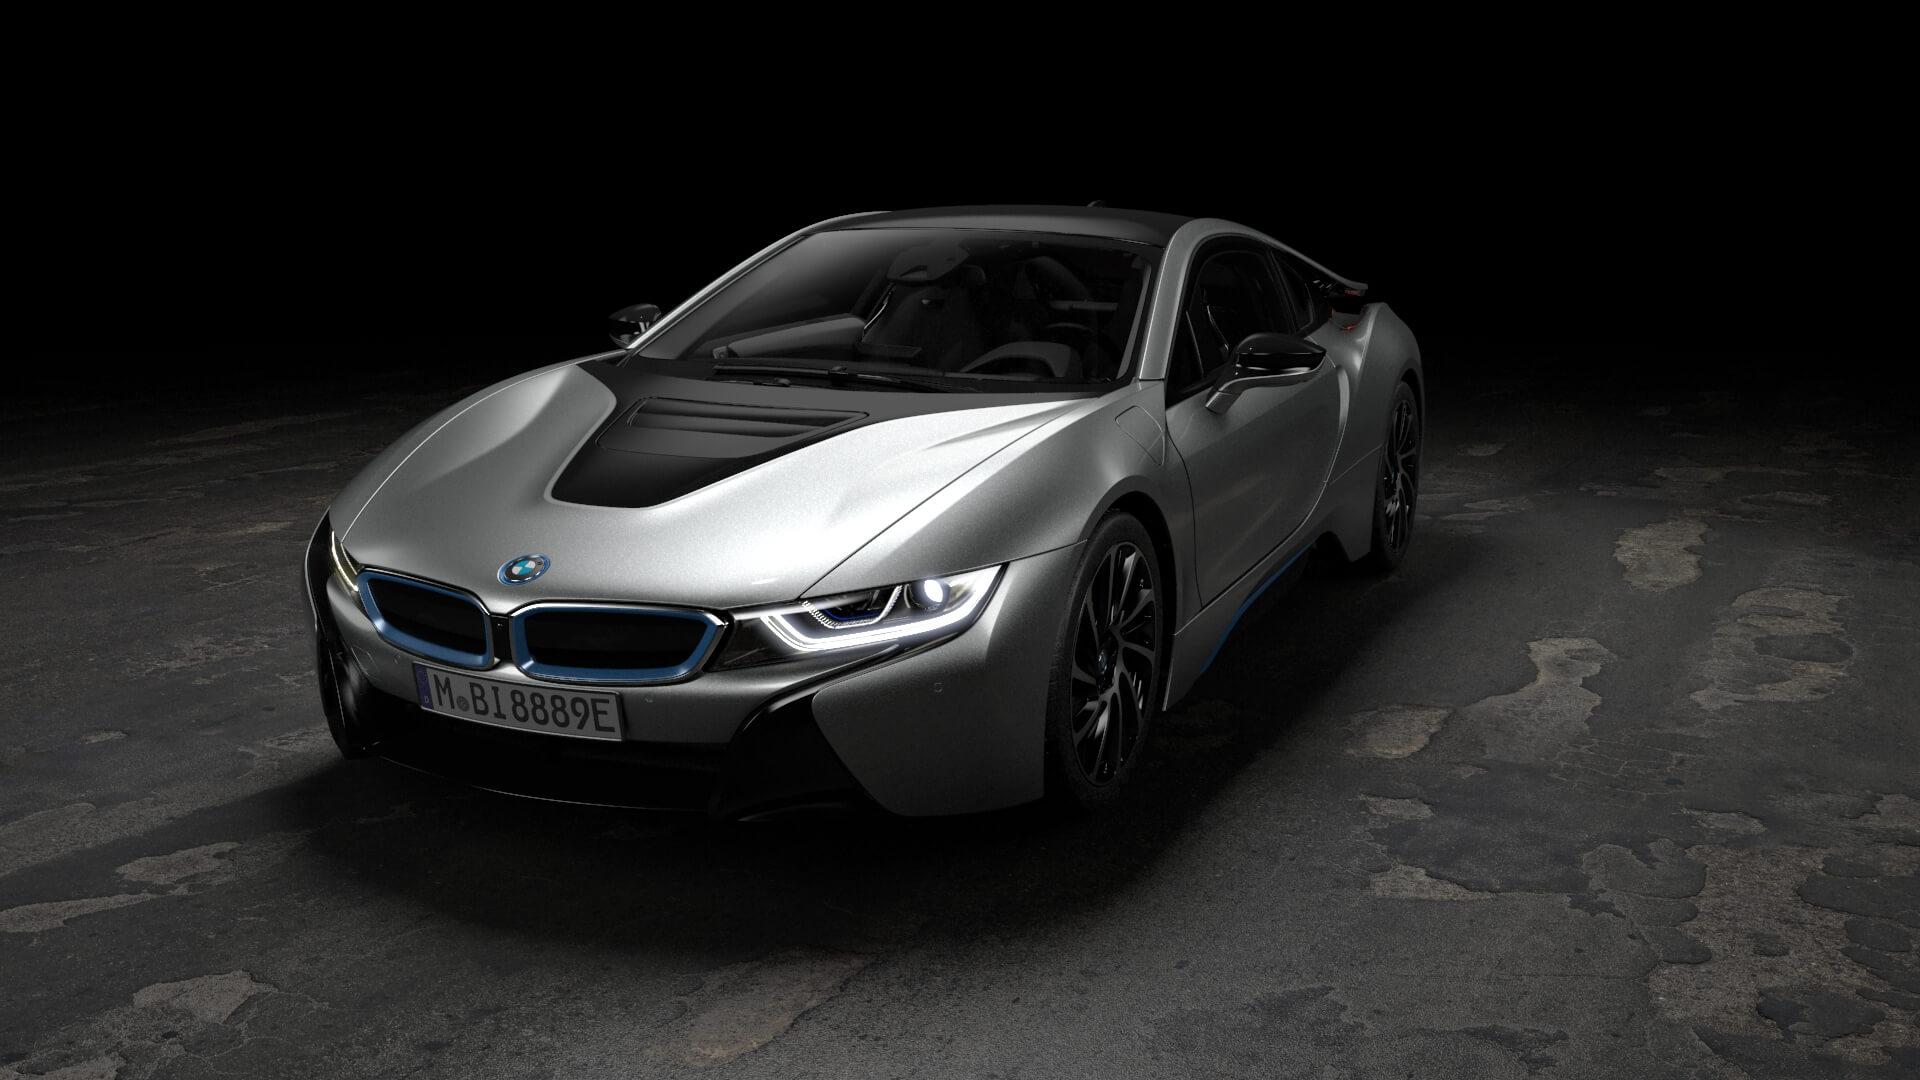 Плагин-гибрид BMW i8